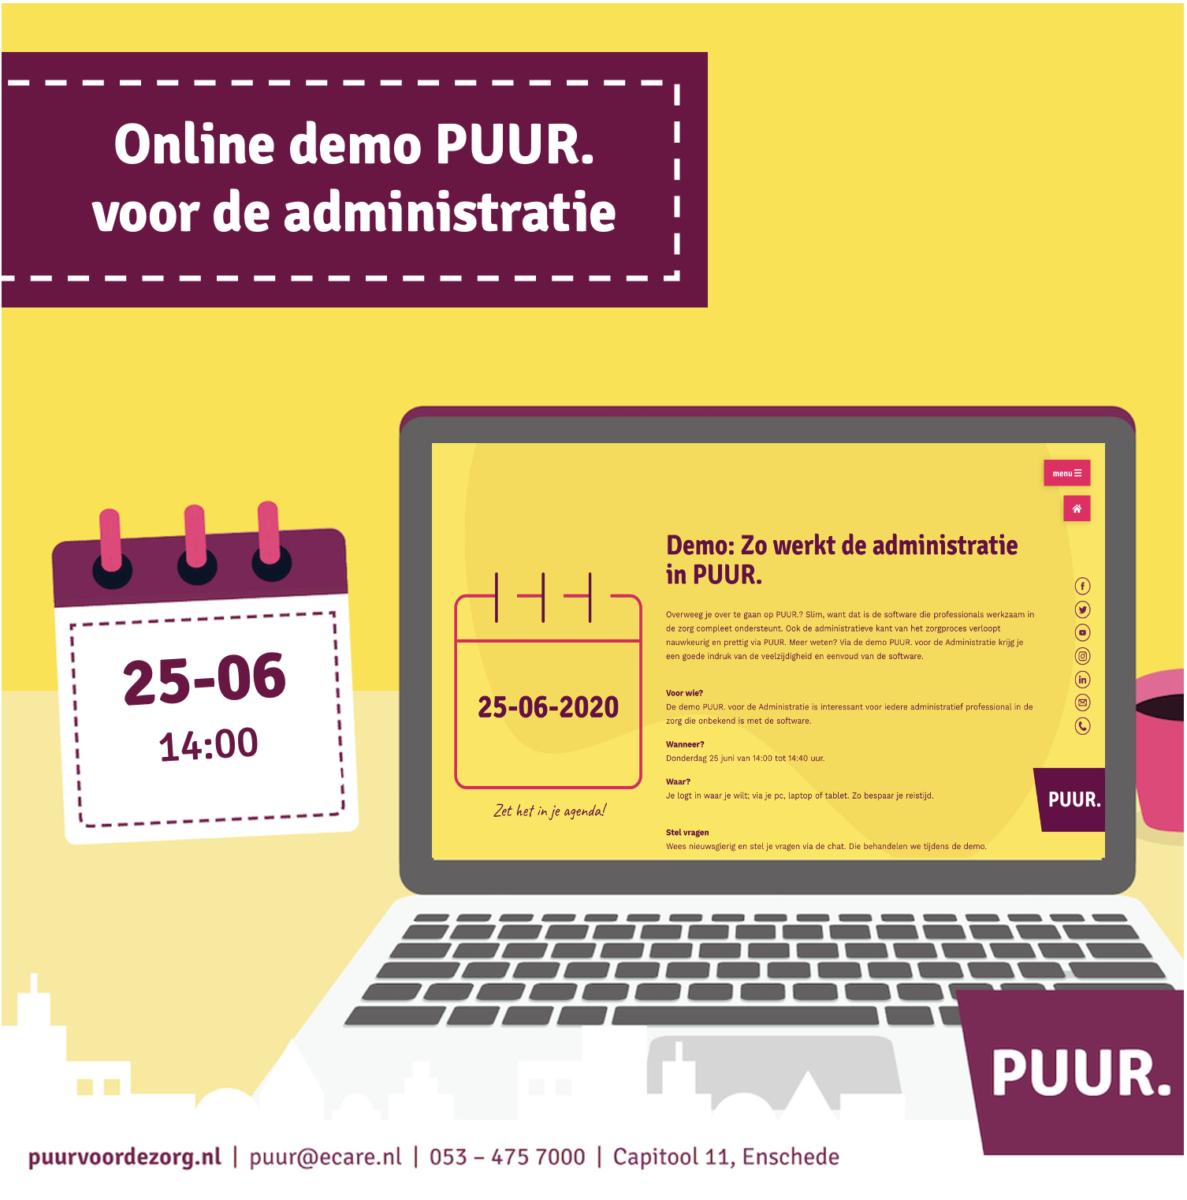 webinar PUUR. voor administratie